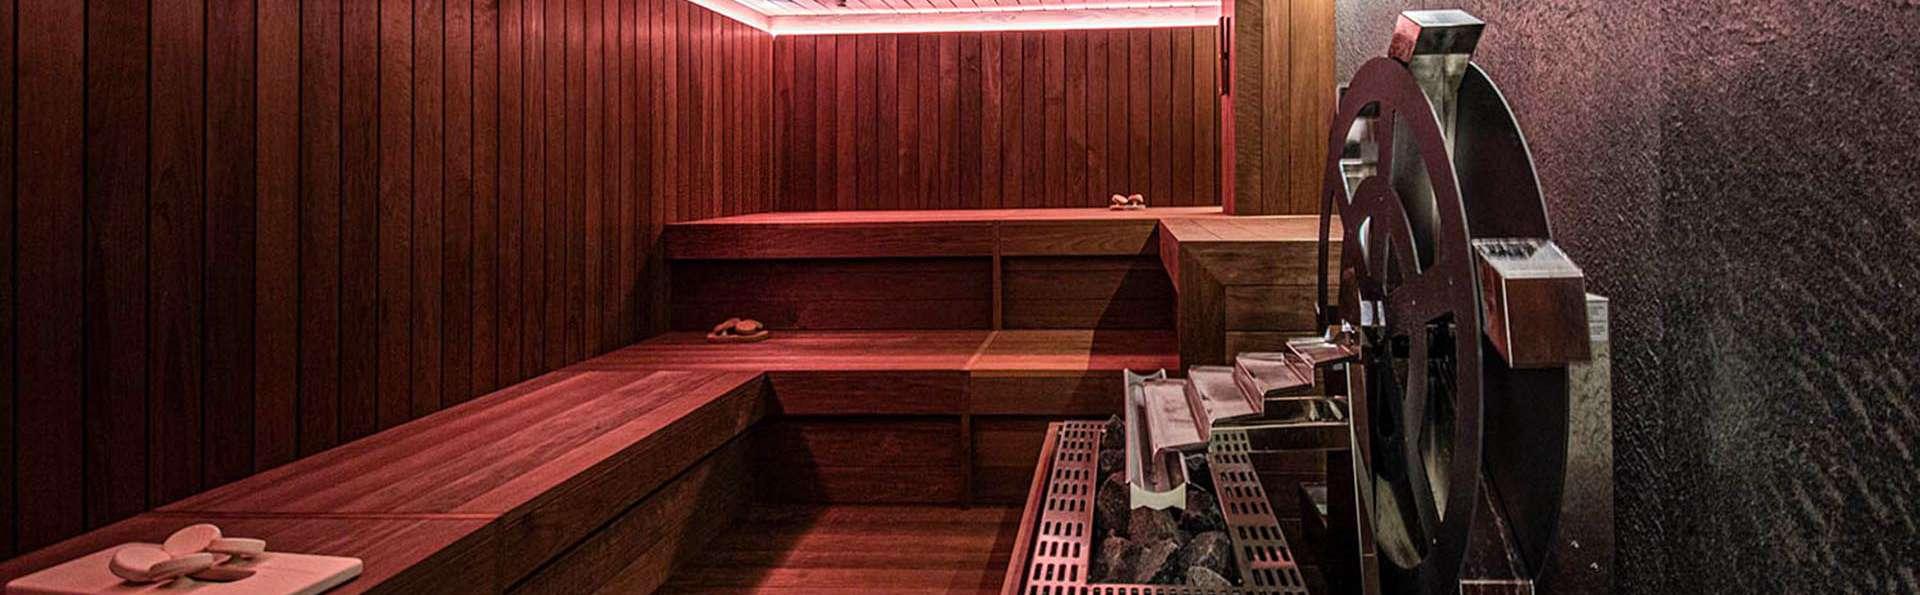 Amadore Hotel Restaurant De Kamperduinen - EDIT_A-thermen-Zeeland_11.jpg